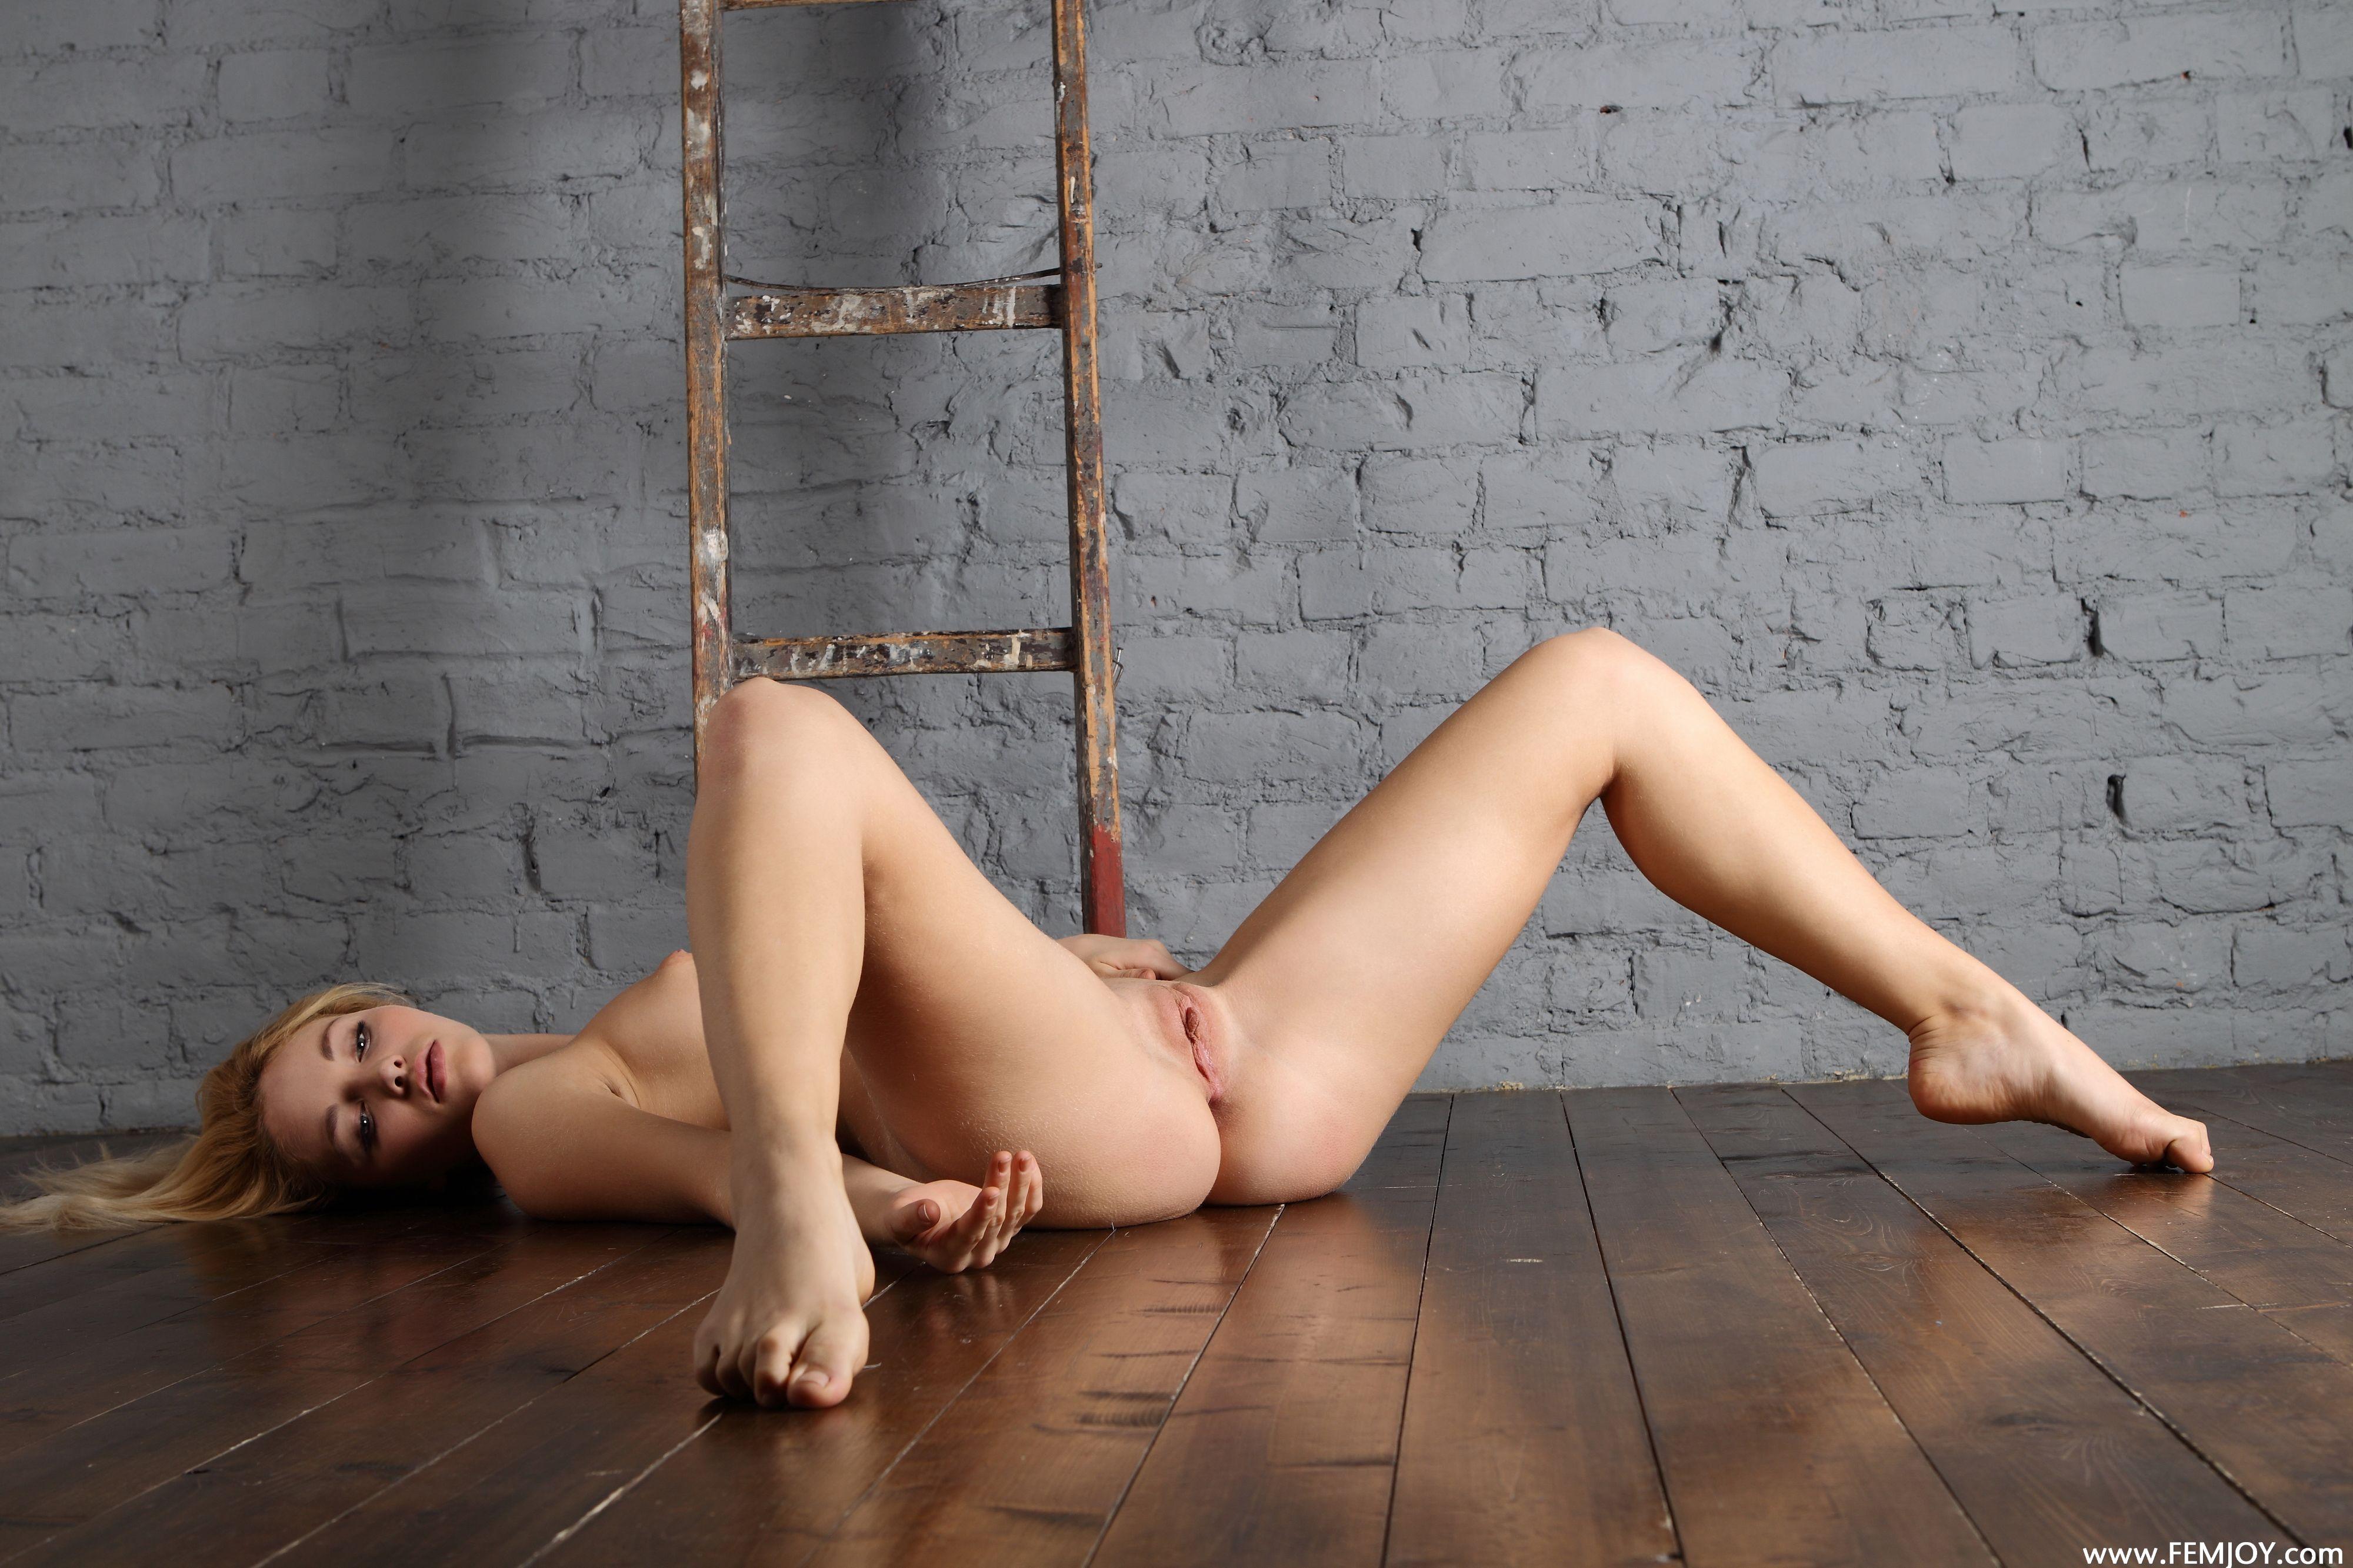 Яровая в порно 4 фотография